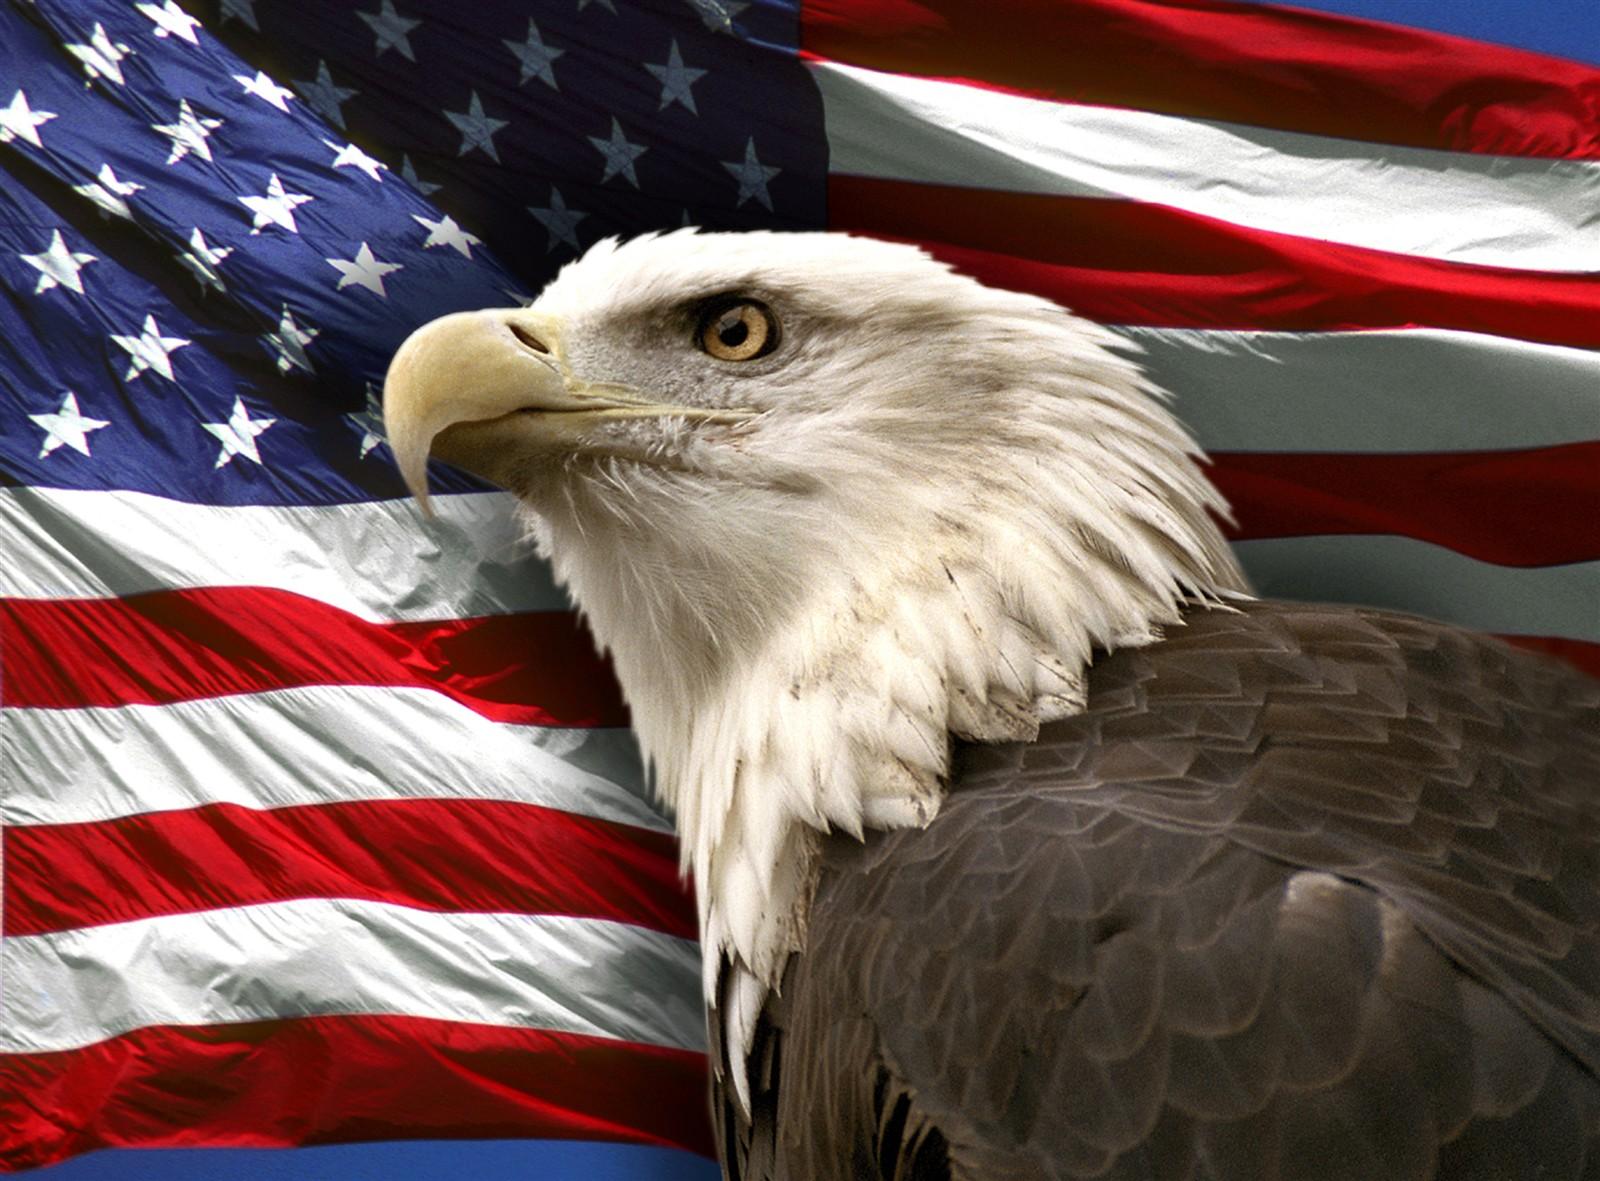 american-flag-bald-eagle-images-download